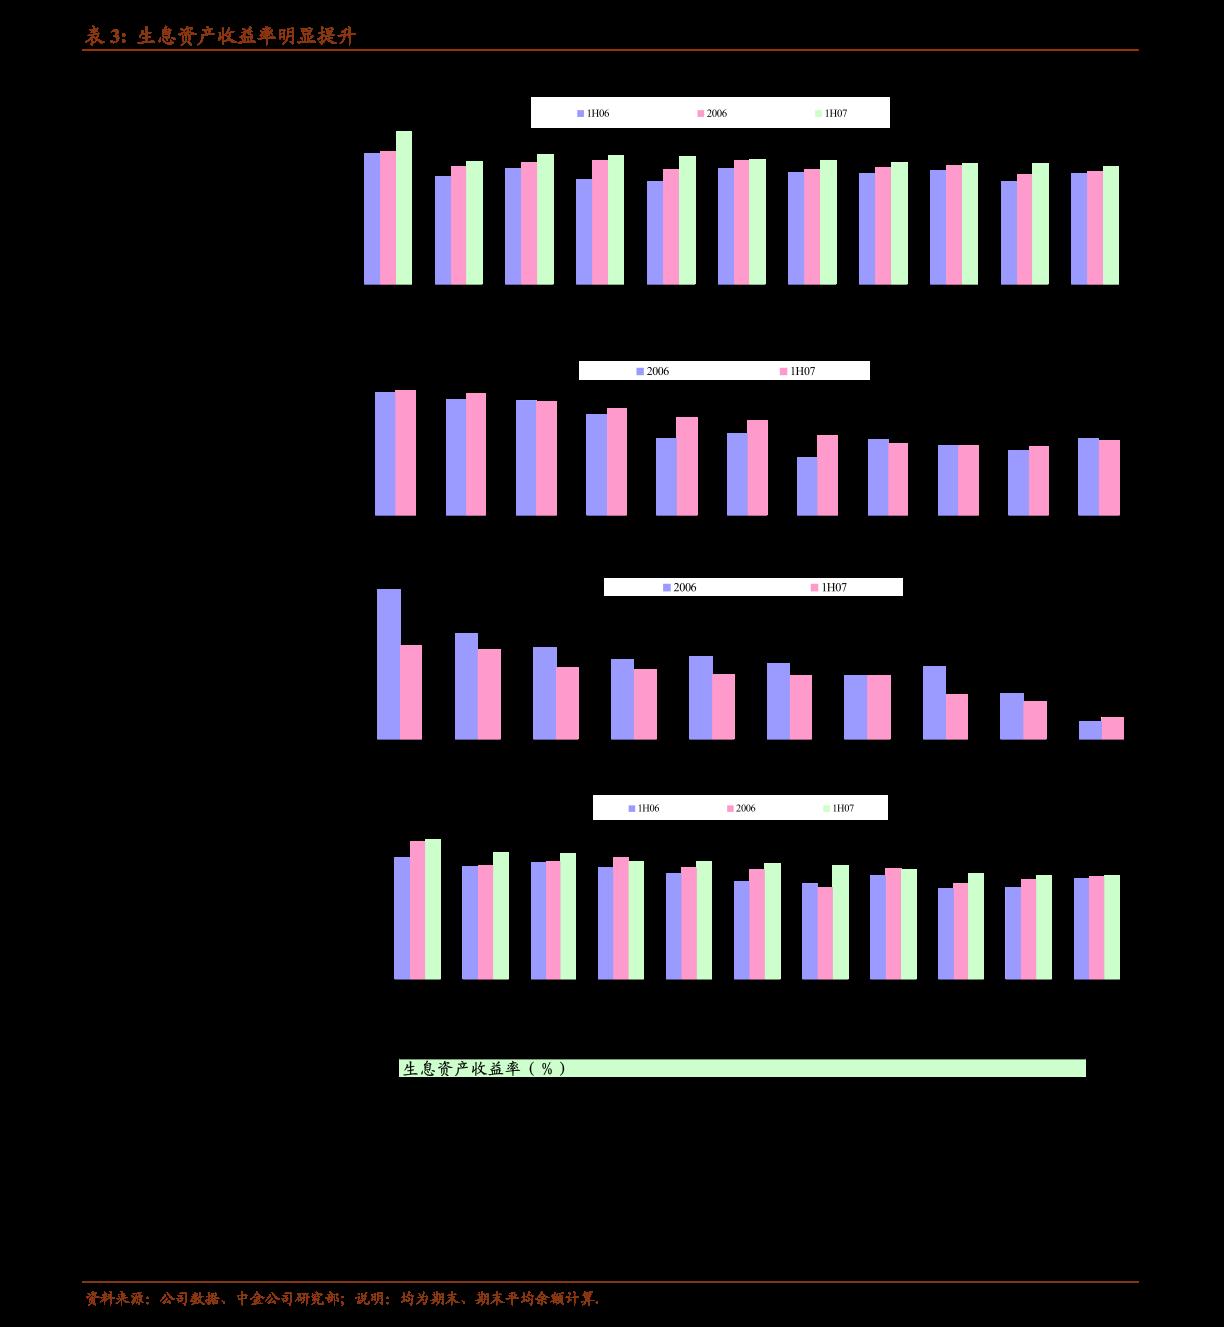 长城国瑞雷火电竞平台-医药生物雷火网址双周报2020年第15期总第22期:医保目录专家评审结果可查询,第三批国采各地陆续落地-201124